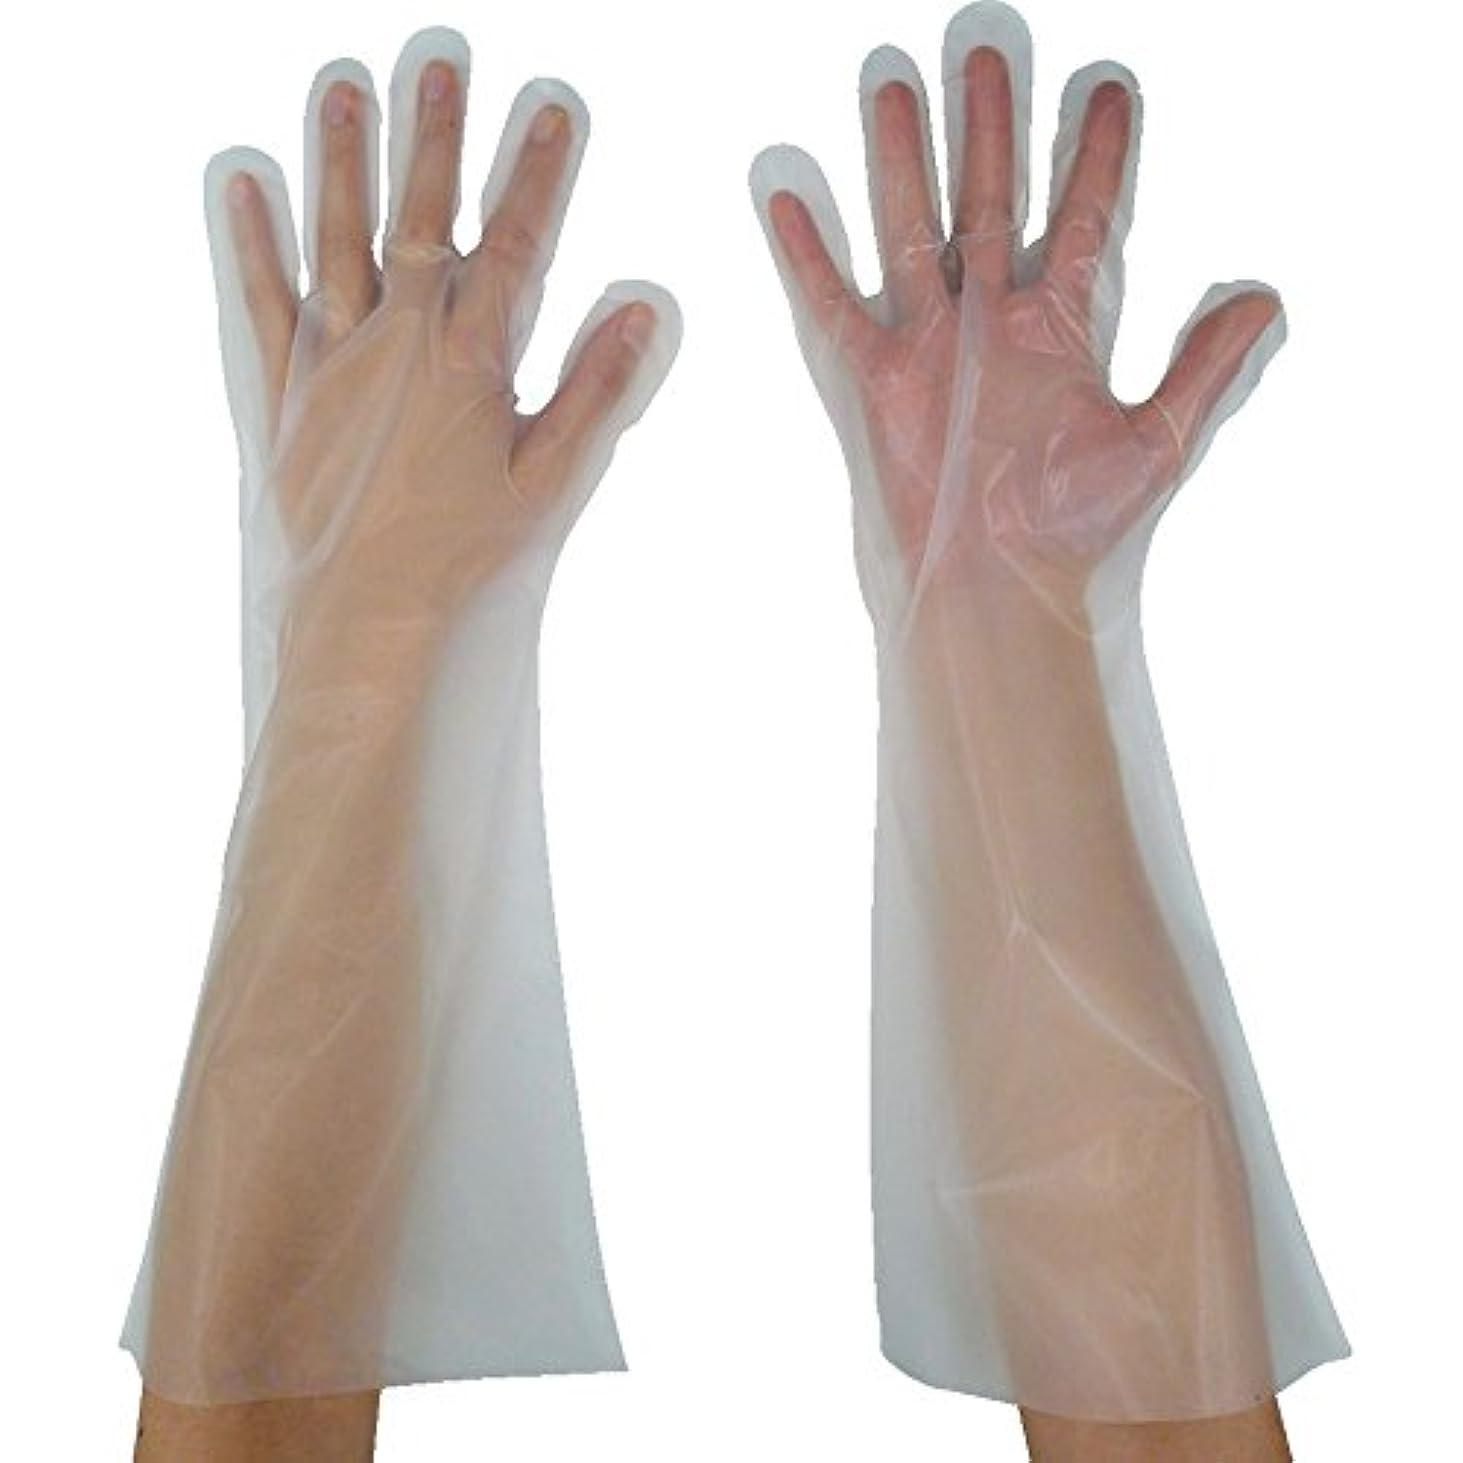 深遠勃起寺院東京パック 緊急災害対策用手袋ロング五本絞りS 半透明 KL-S ポリエチレン使い捨て手袋